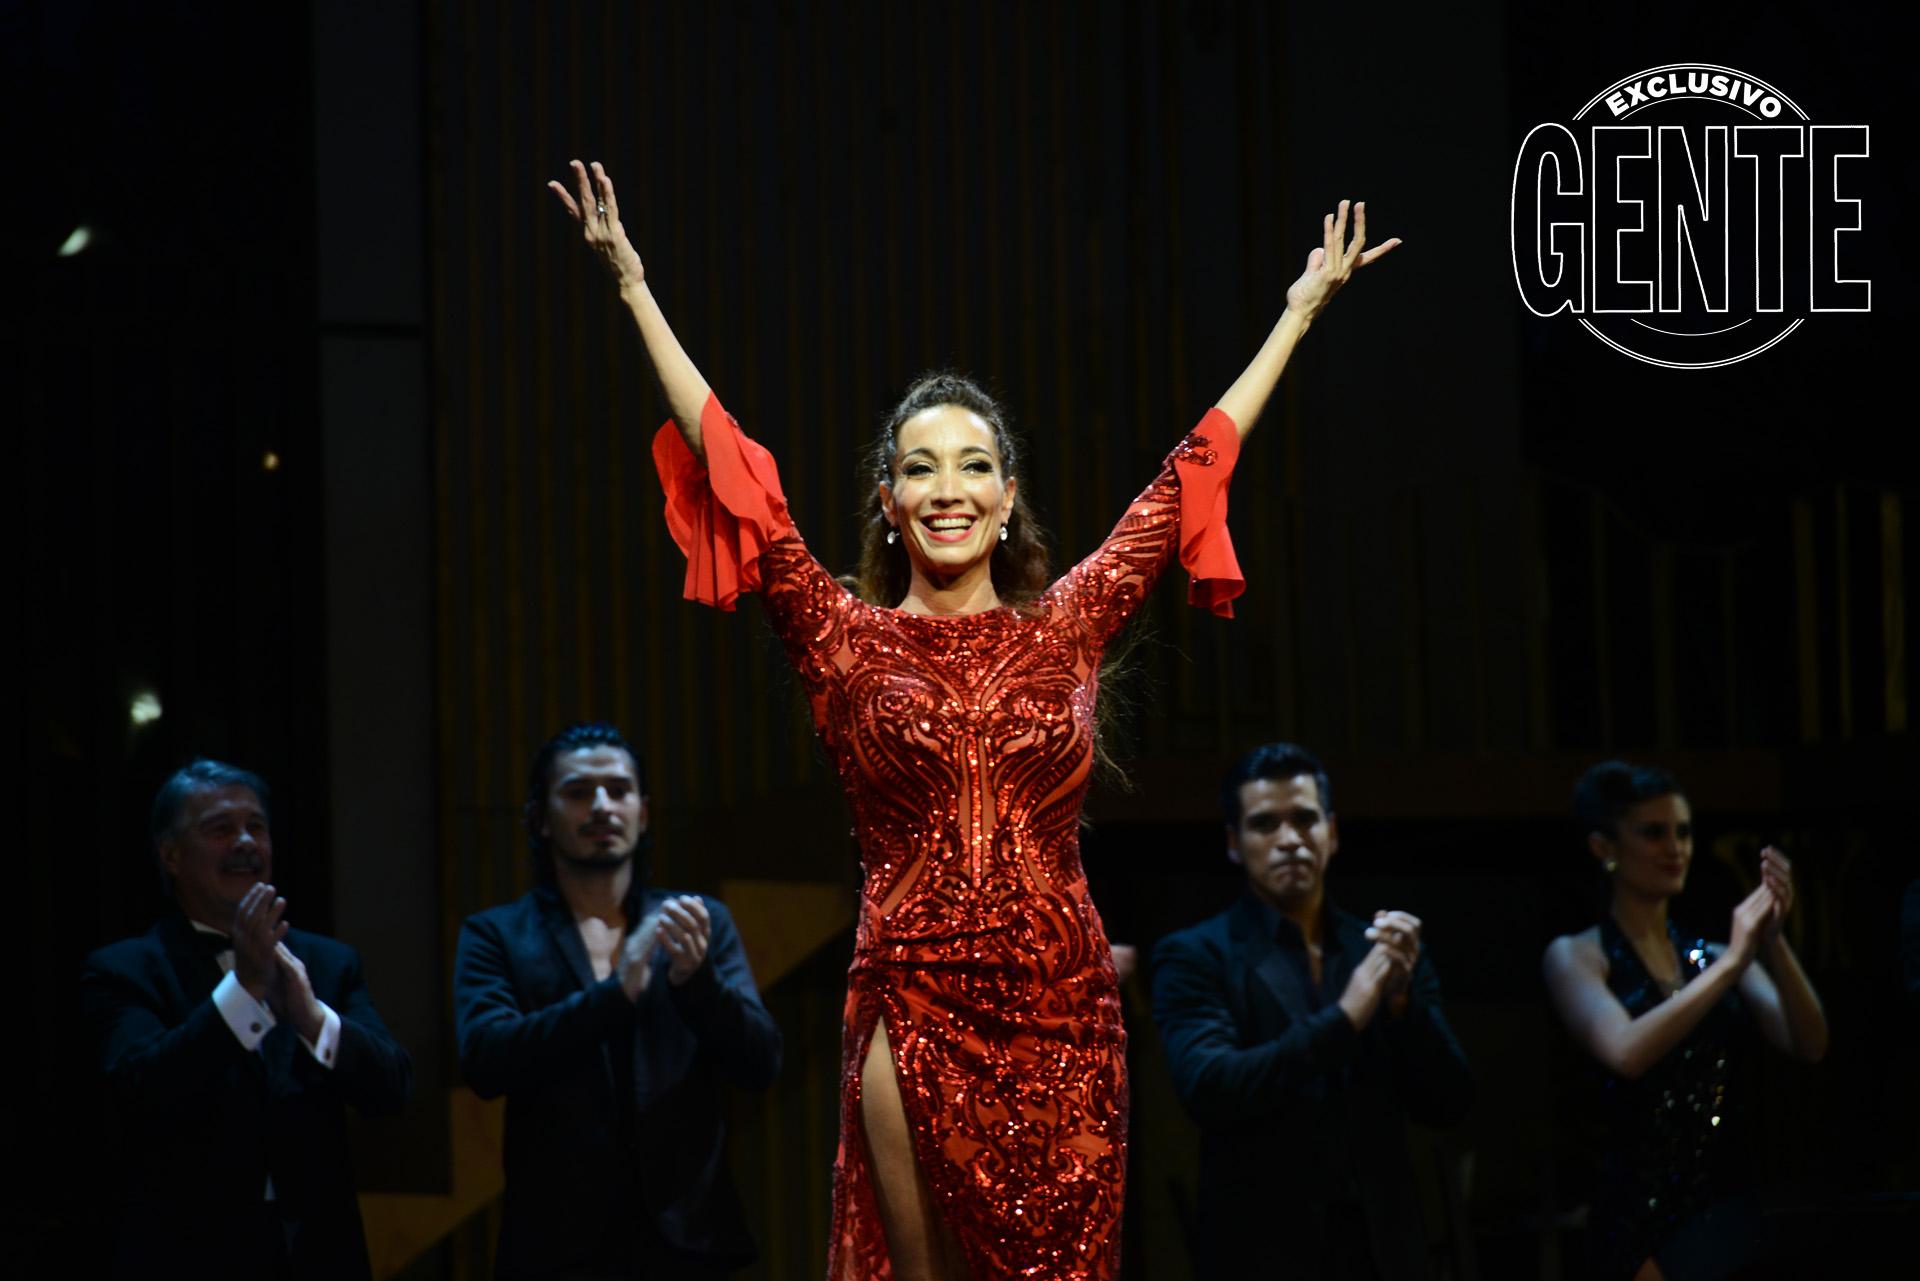 Al final del show, las mil personas que llenaron el teatro le cantaron el feliz cumpleaños.